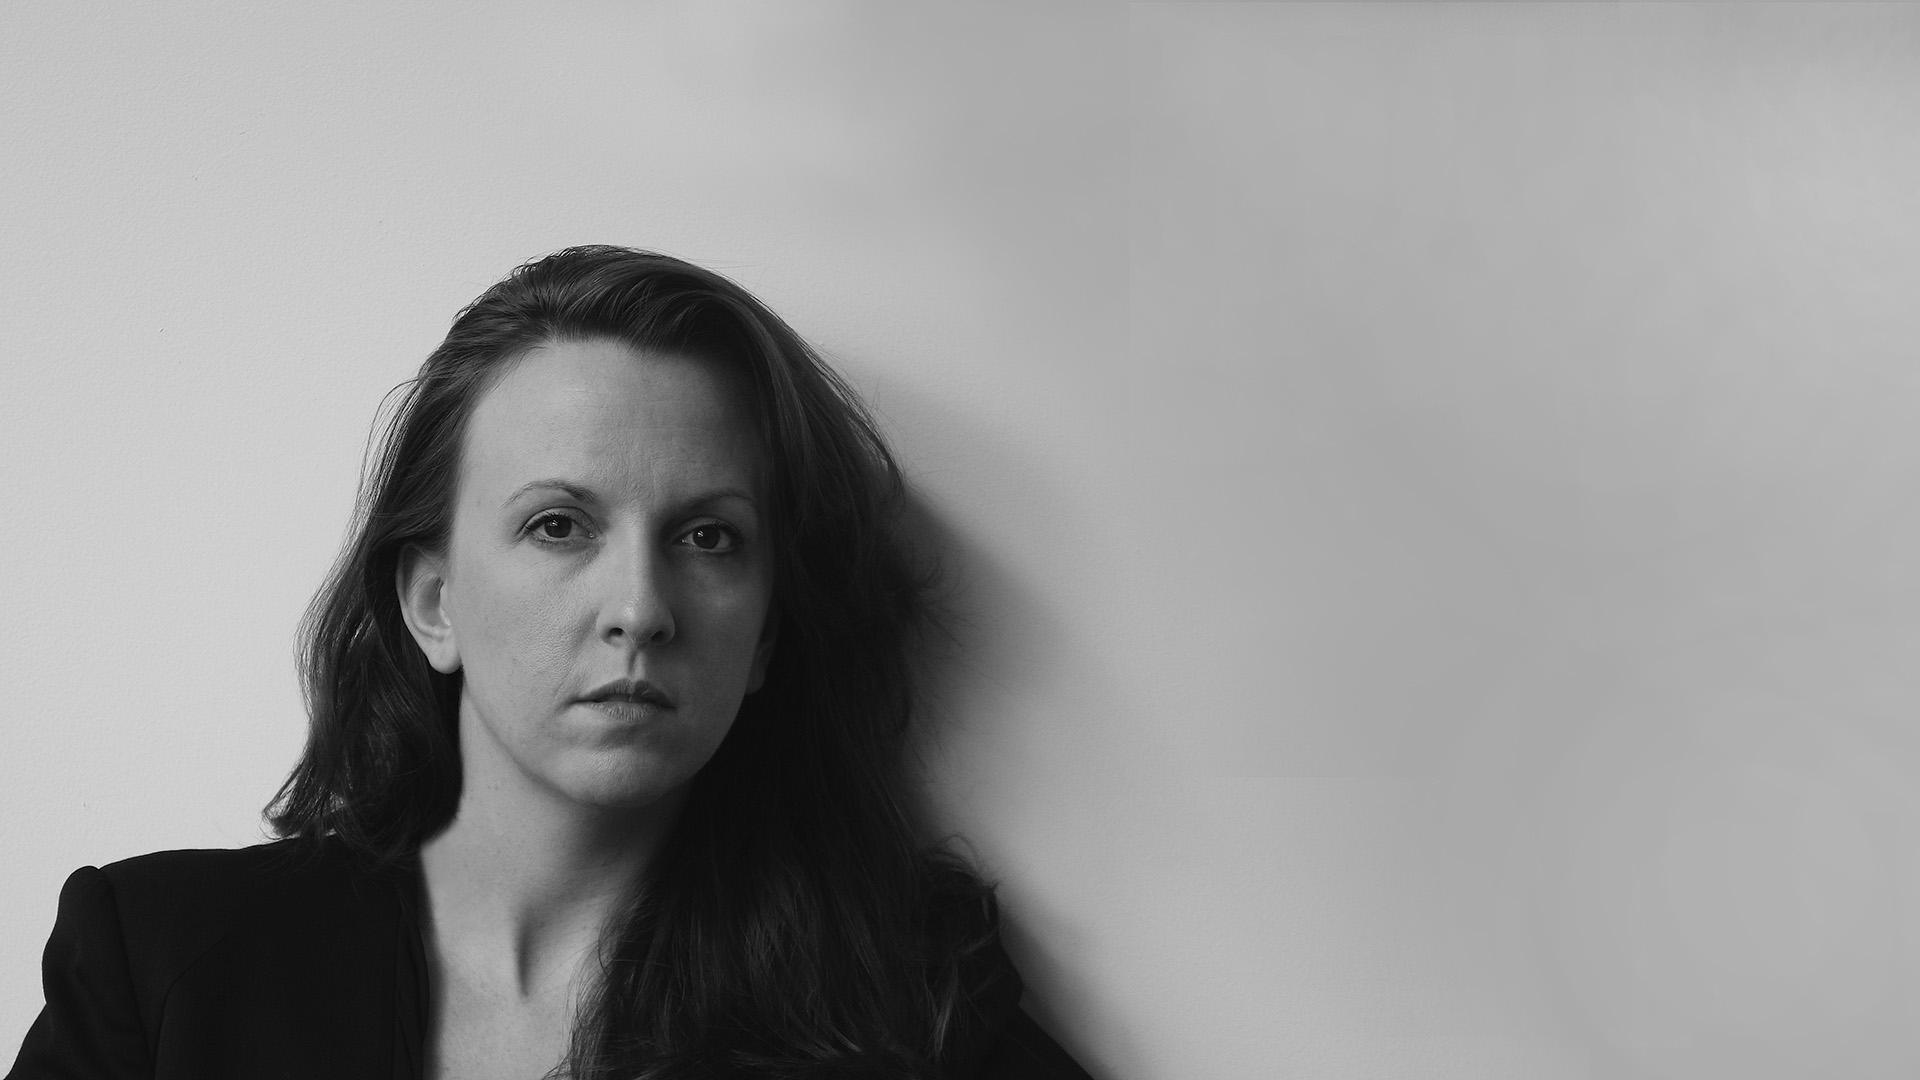 Meet the Artist: Jessica Lang